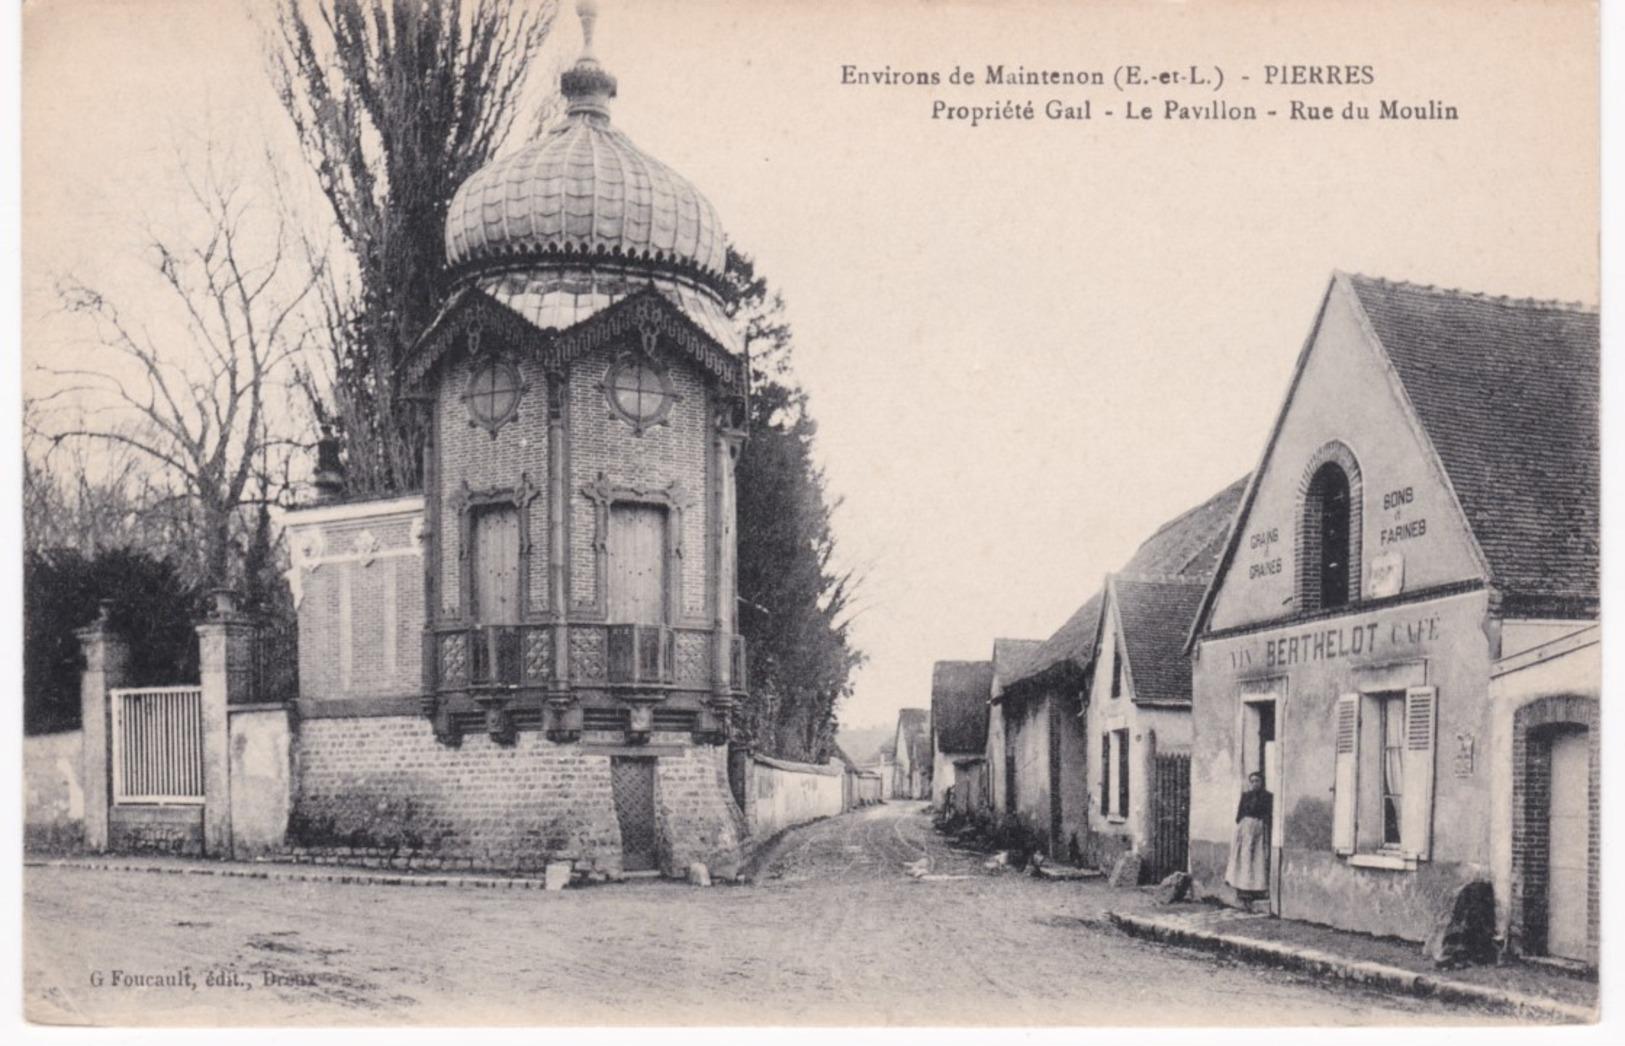 28 Eure Et Loir -  PIERRES - Environs De Maintenon - Propriété Gail - Le Pavillon - Rue Du Moulin - Café - France